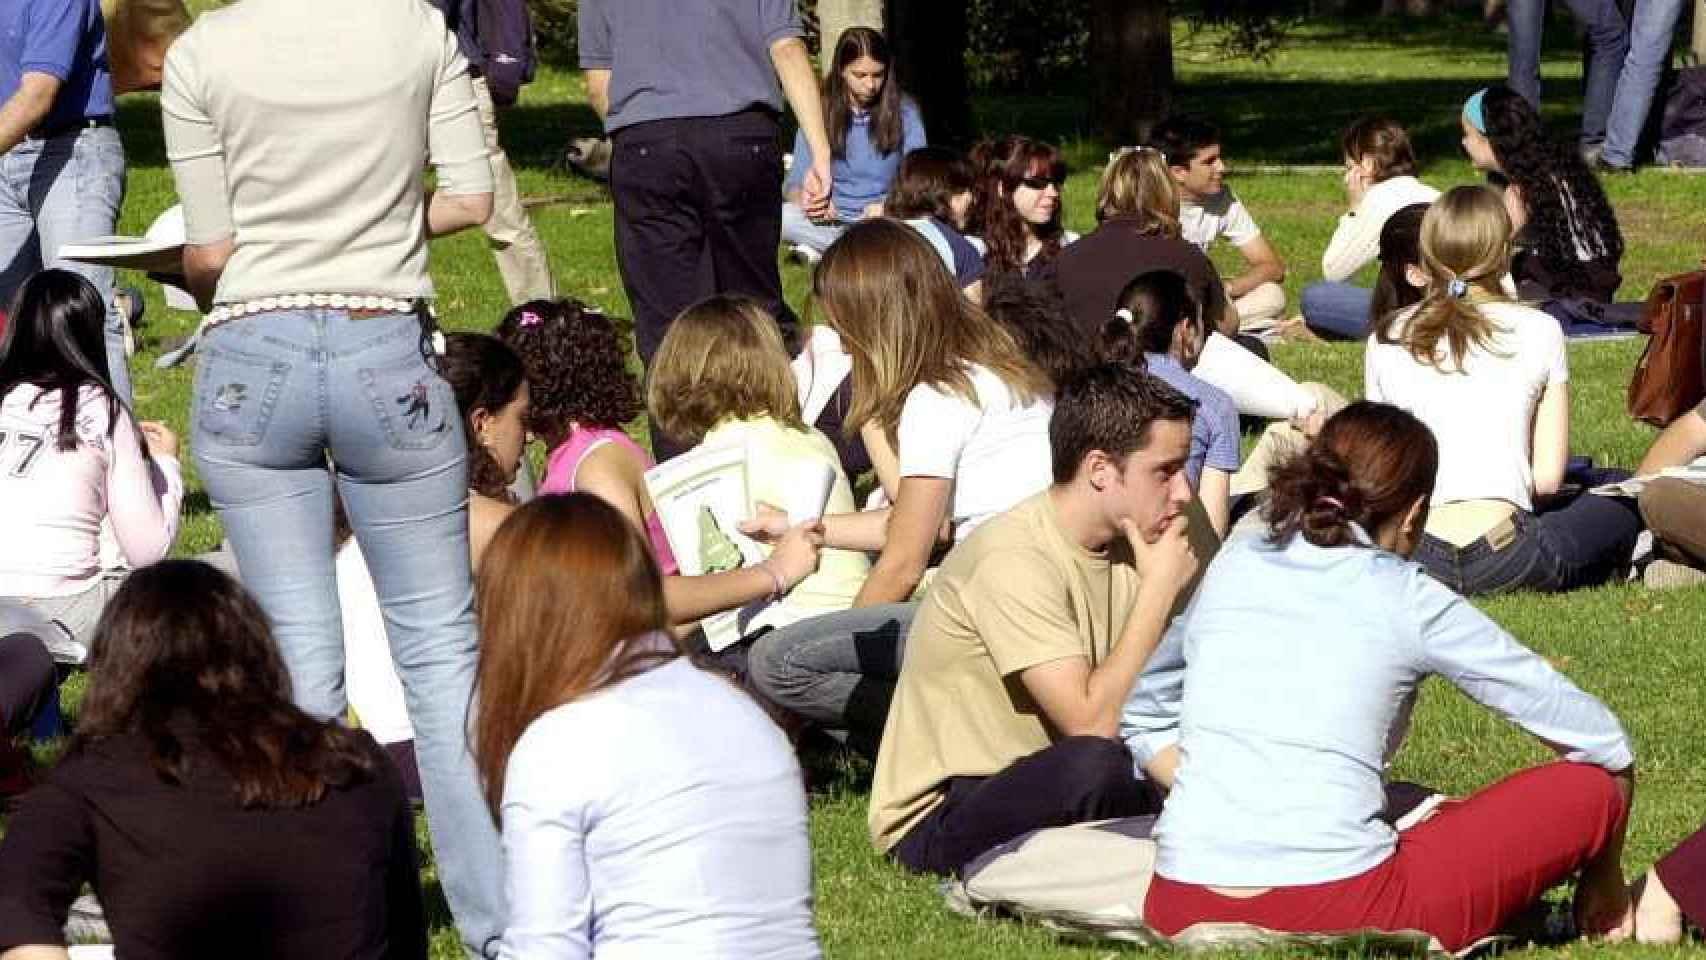 Varios jóvenes estudiantes sentados en un cesped.